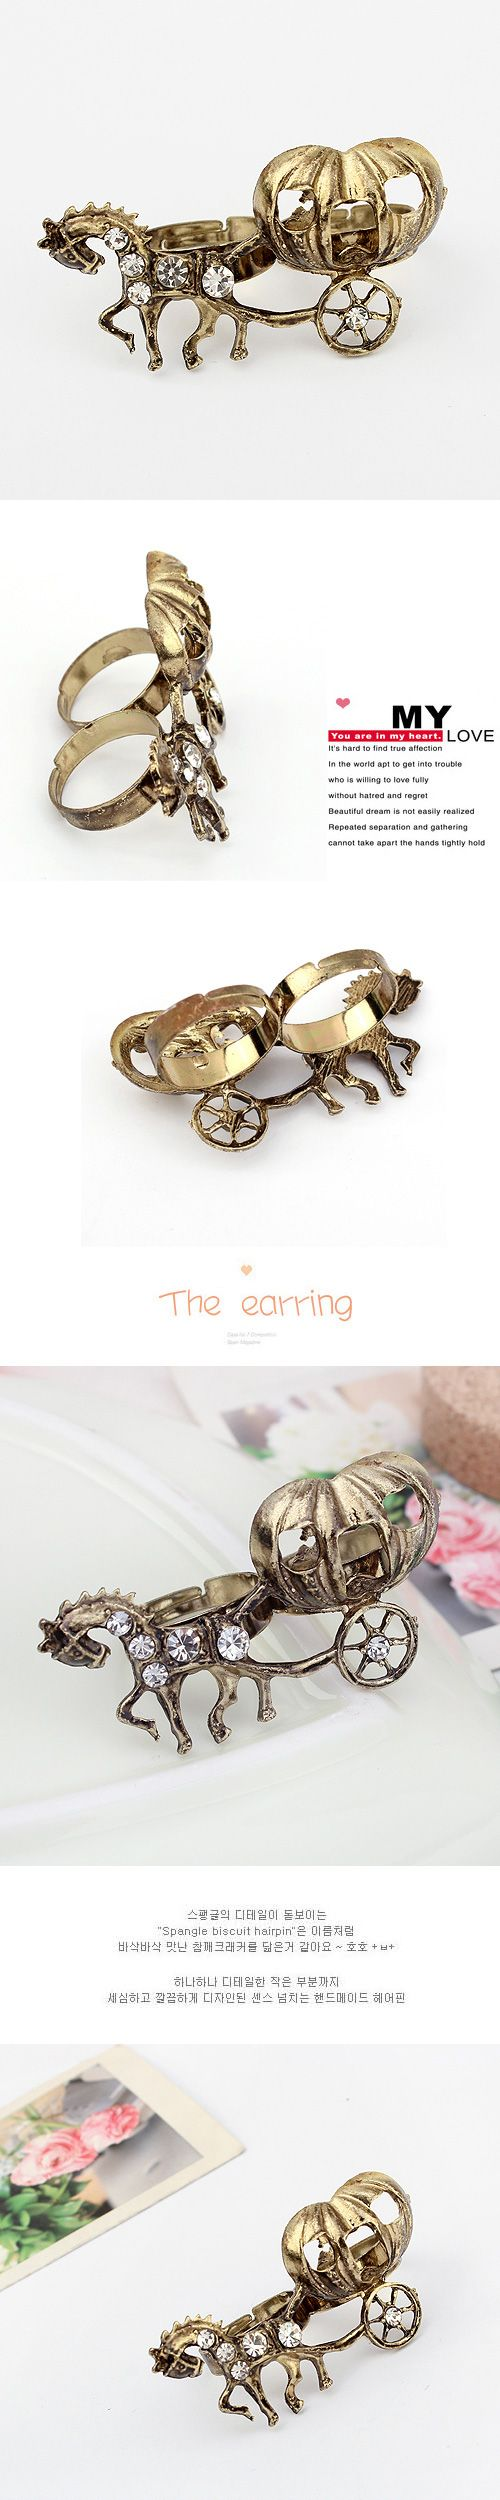 aleación de zinc Anillos de dedo doble, con diamantes de imitación, Coche de calabaza, chapado en color dorado antiguo, 5x3cm, tamaño:6-9, Vendido por UD,Abalorios de joyería por mayor de China